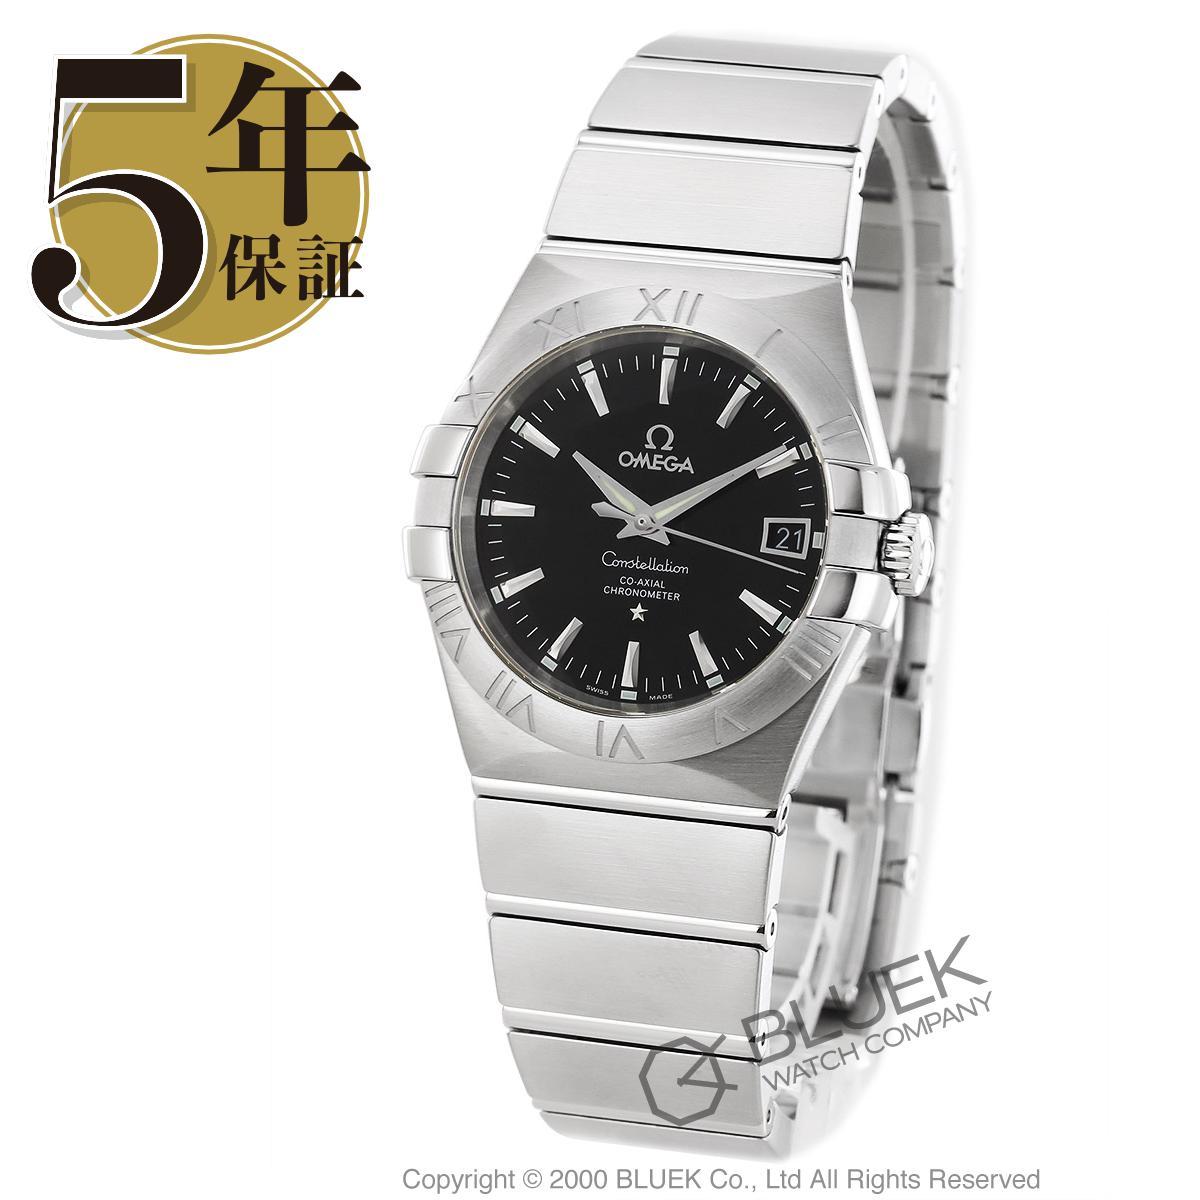 オメガ コンステレーション ダブルイーグル 腕時計 メンズ OMEGA 123.10.35.20.01.001_8 バーゲン ギフト プレゼント